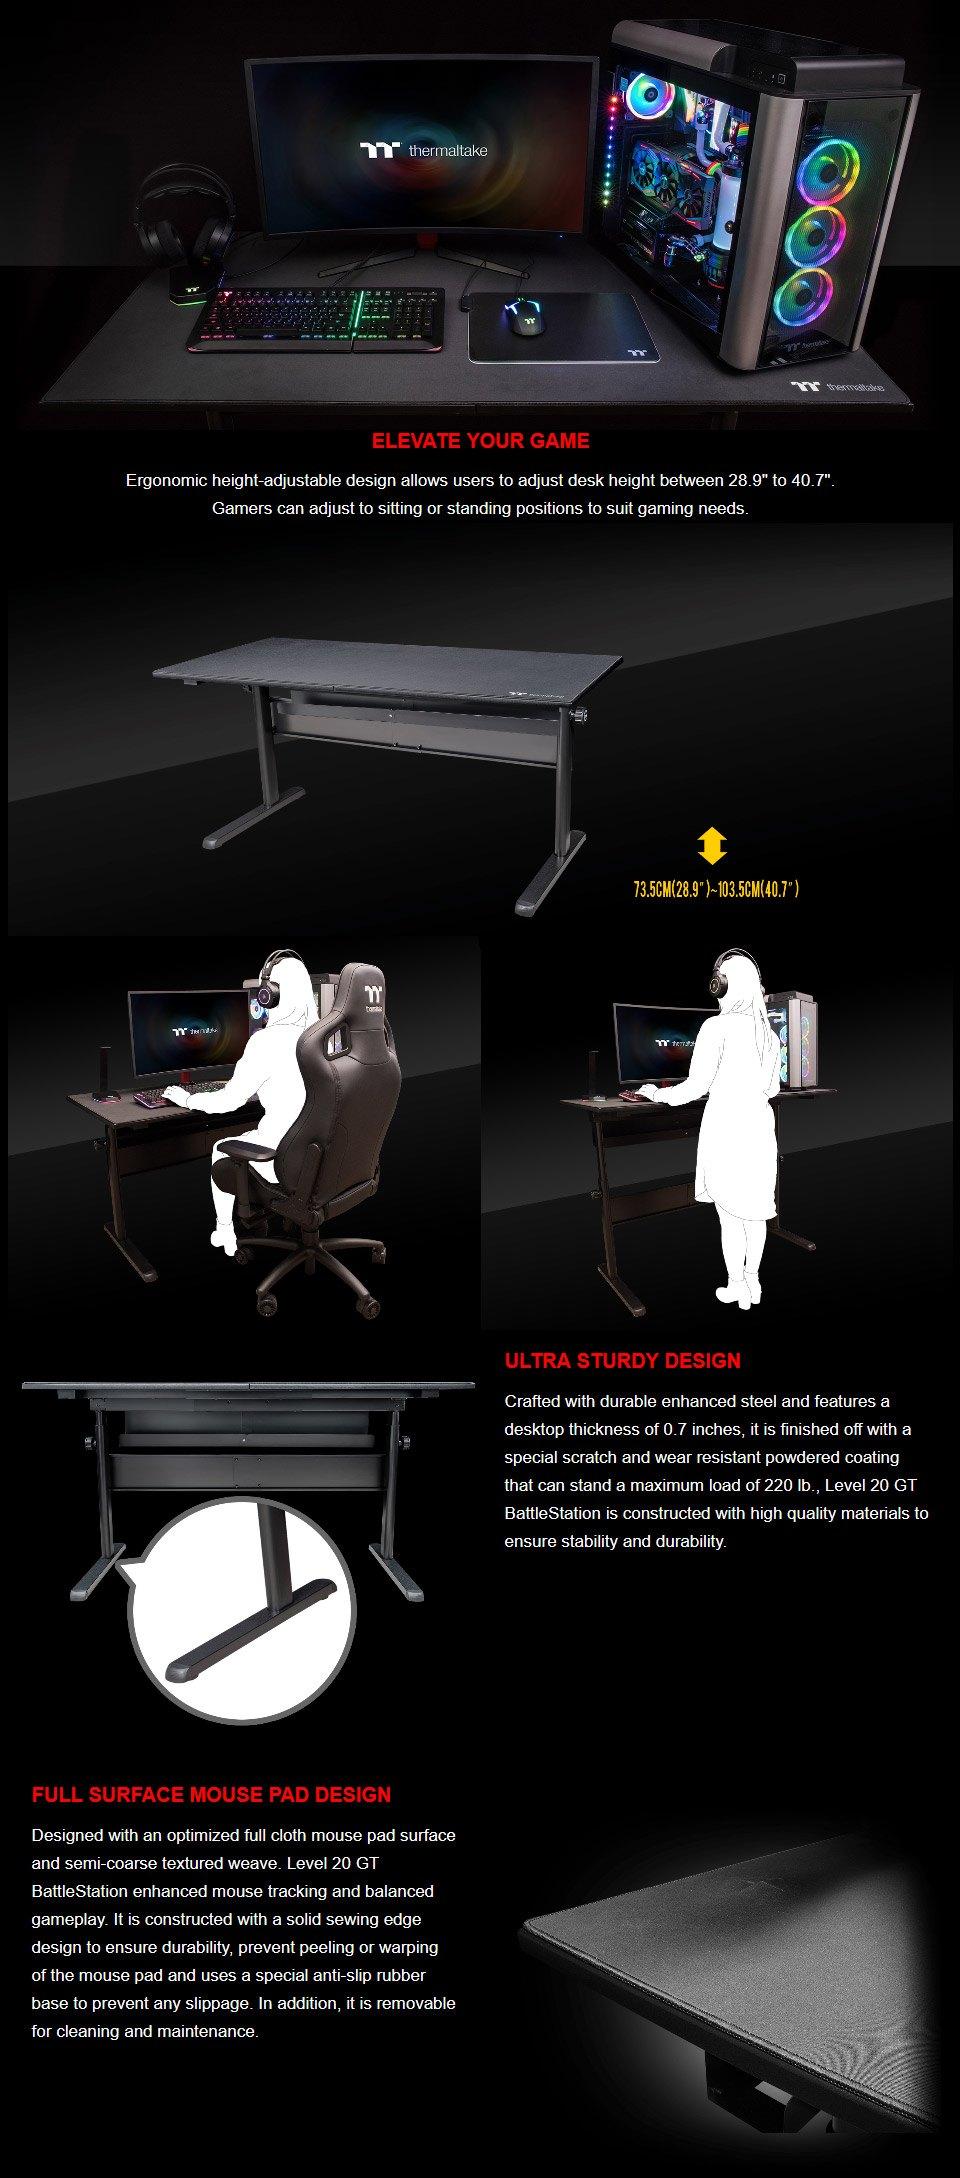 Thermaltake Level 20 GT BattleStation Gaming Desk features